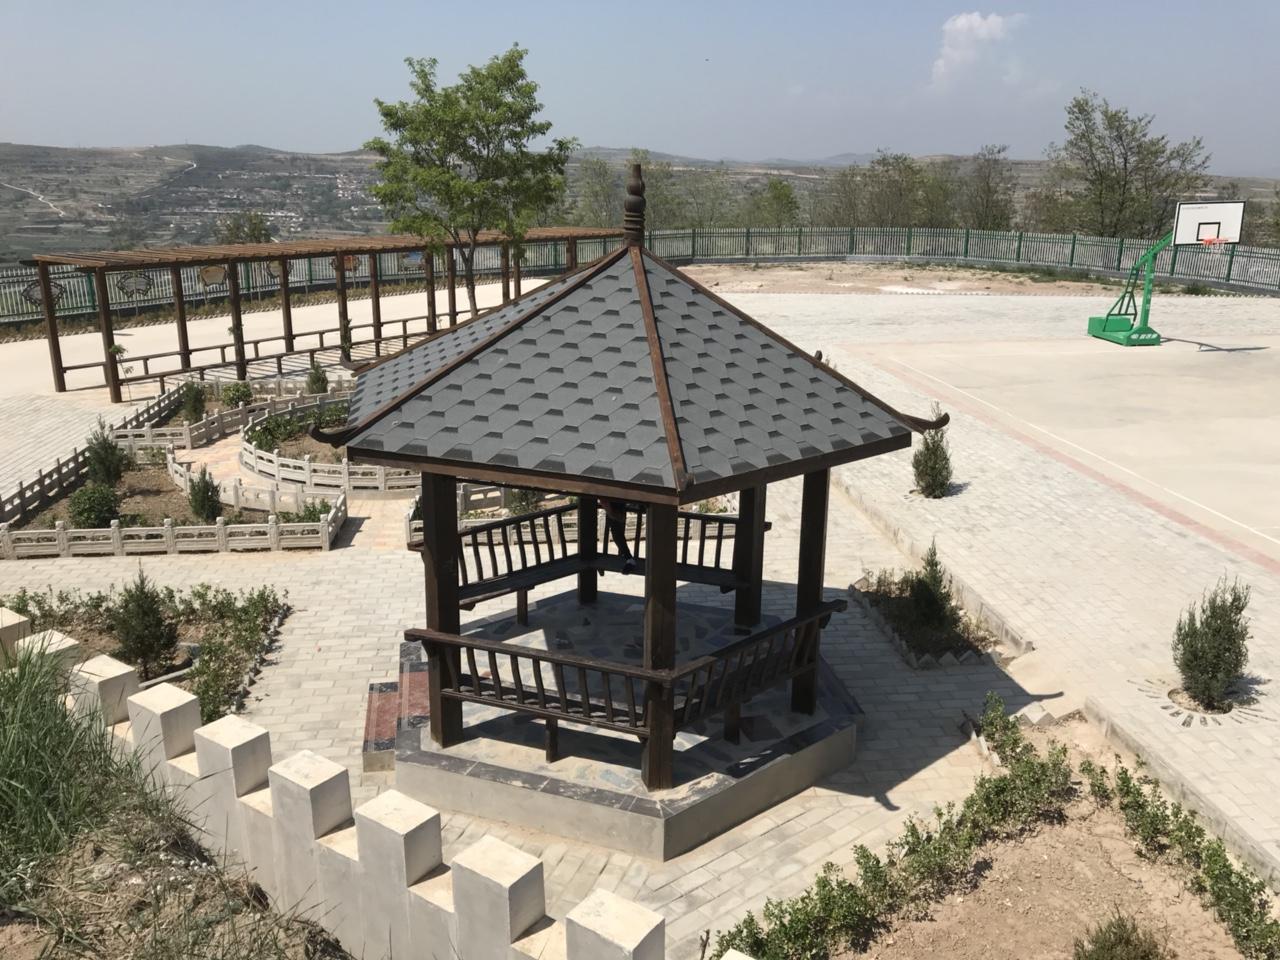 【文化惠民】梁山镇吕湾村综合文化服务中心风�